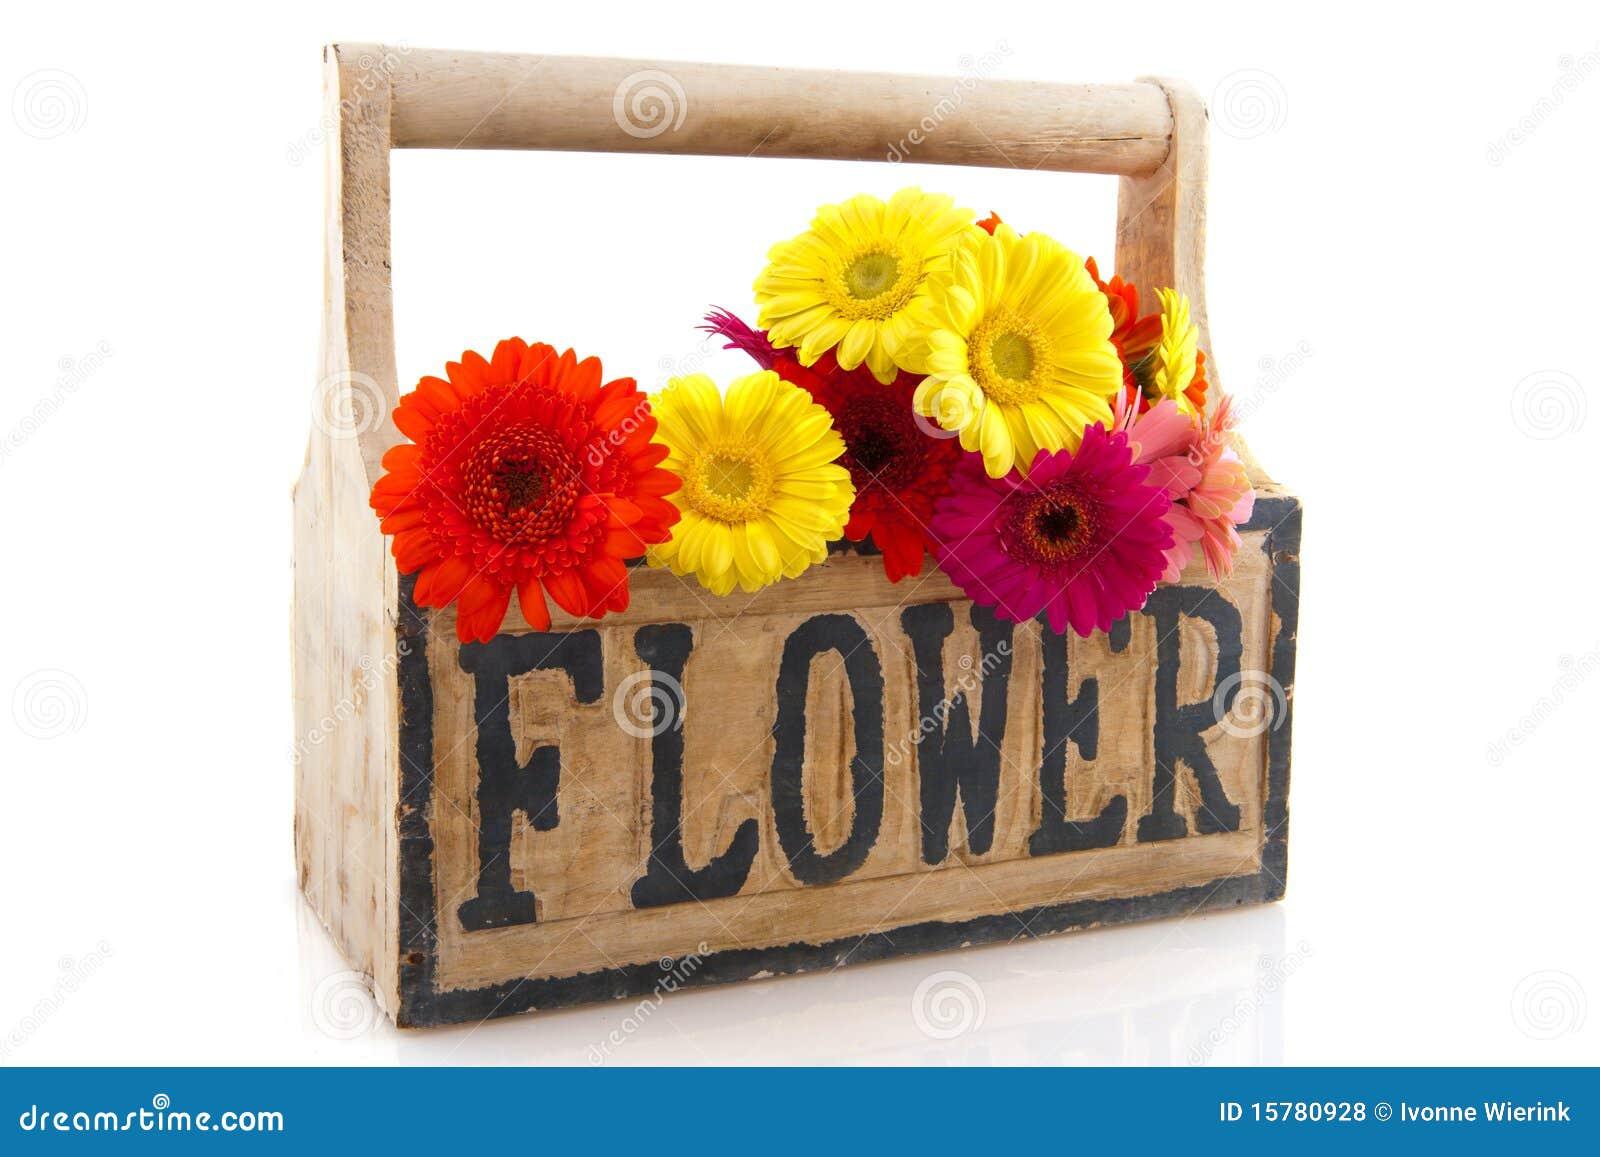 Caixa De Madeira Com Flores Fotos de Stock Royalty Free Imagem  #C2A809 1300x957